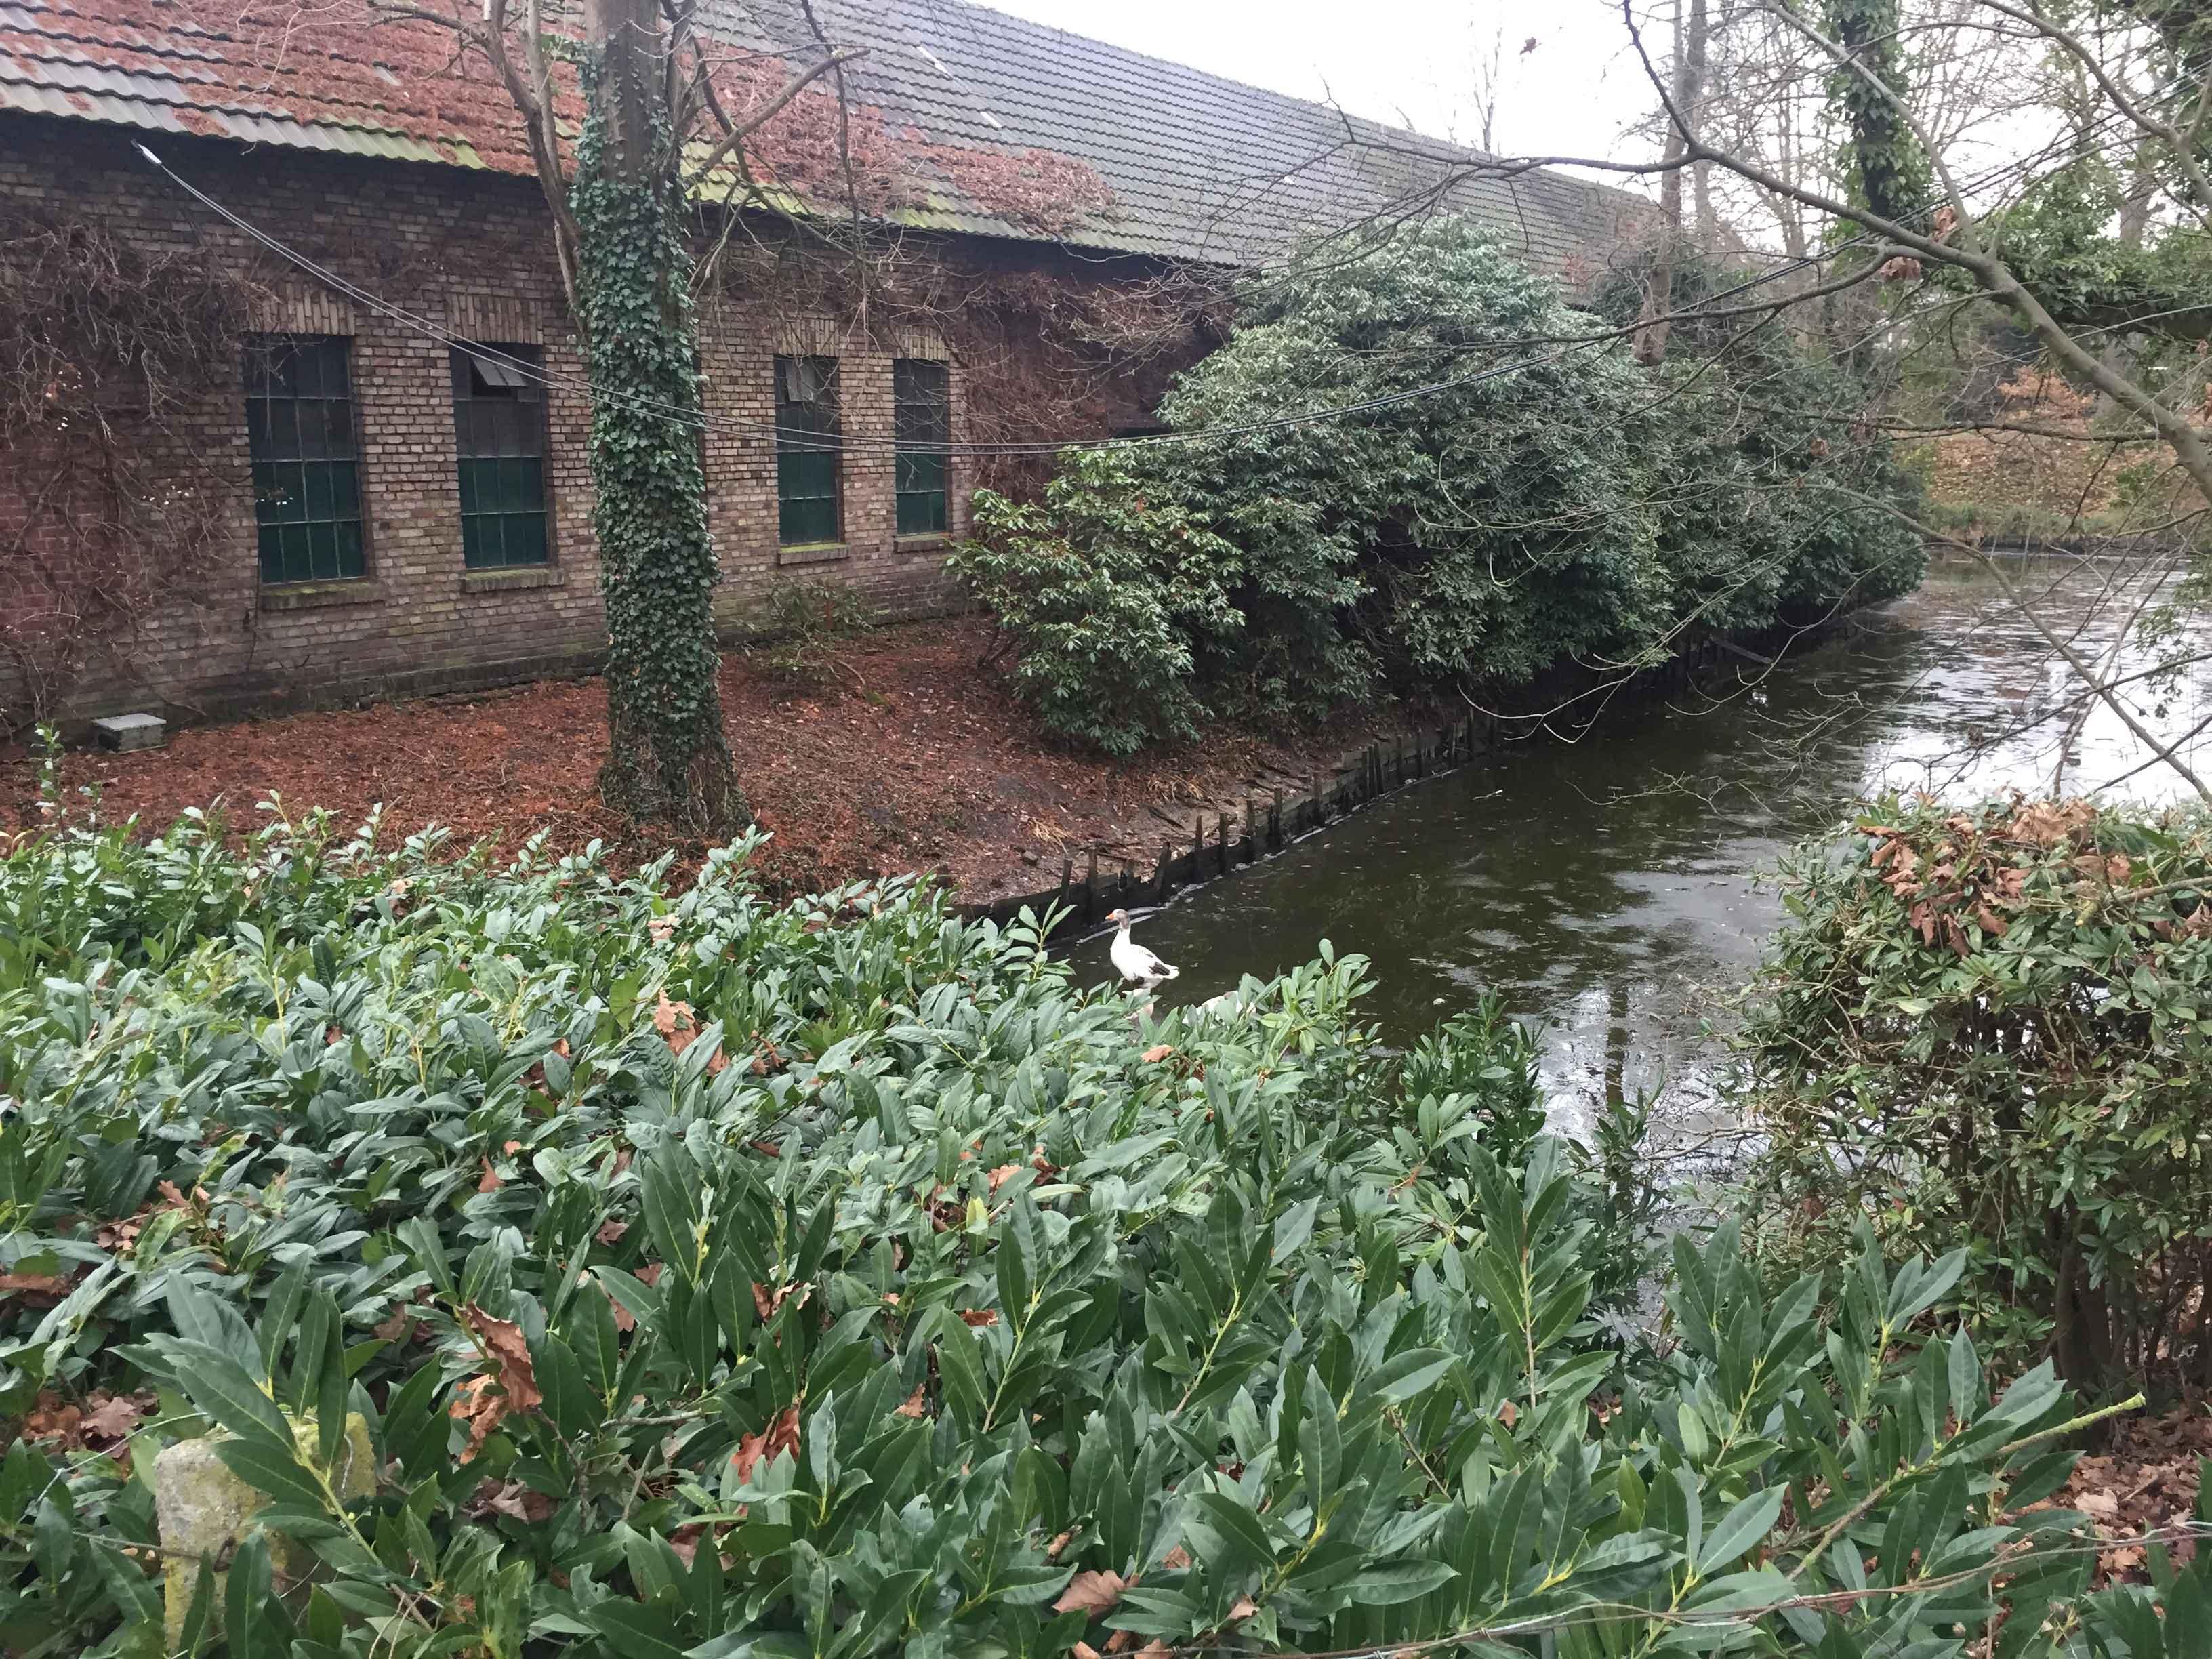 Der Stüttgenhof ist ein altes Rittergut, heute noch Landwirtschaftsbetrieb und Wohnort. In direkter Nachbarschaft befindet sich die RWE. Das gesamte Gebiet lädt zu ausgedehnten Spaziergängen ein.